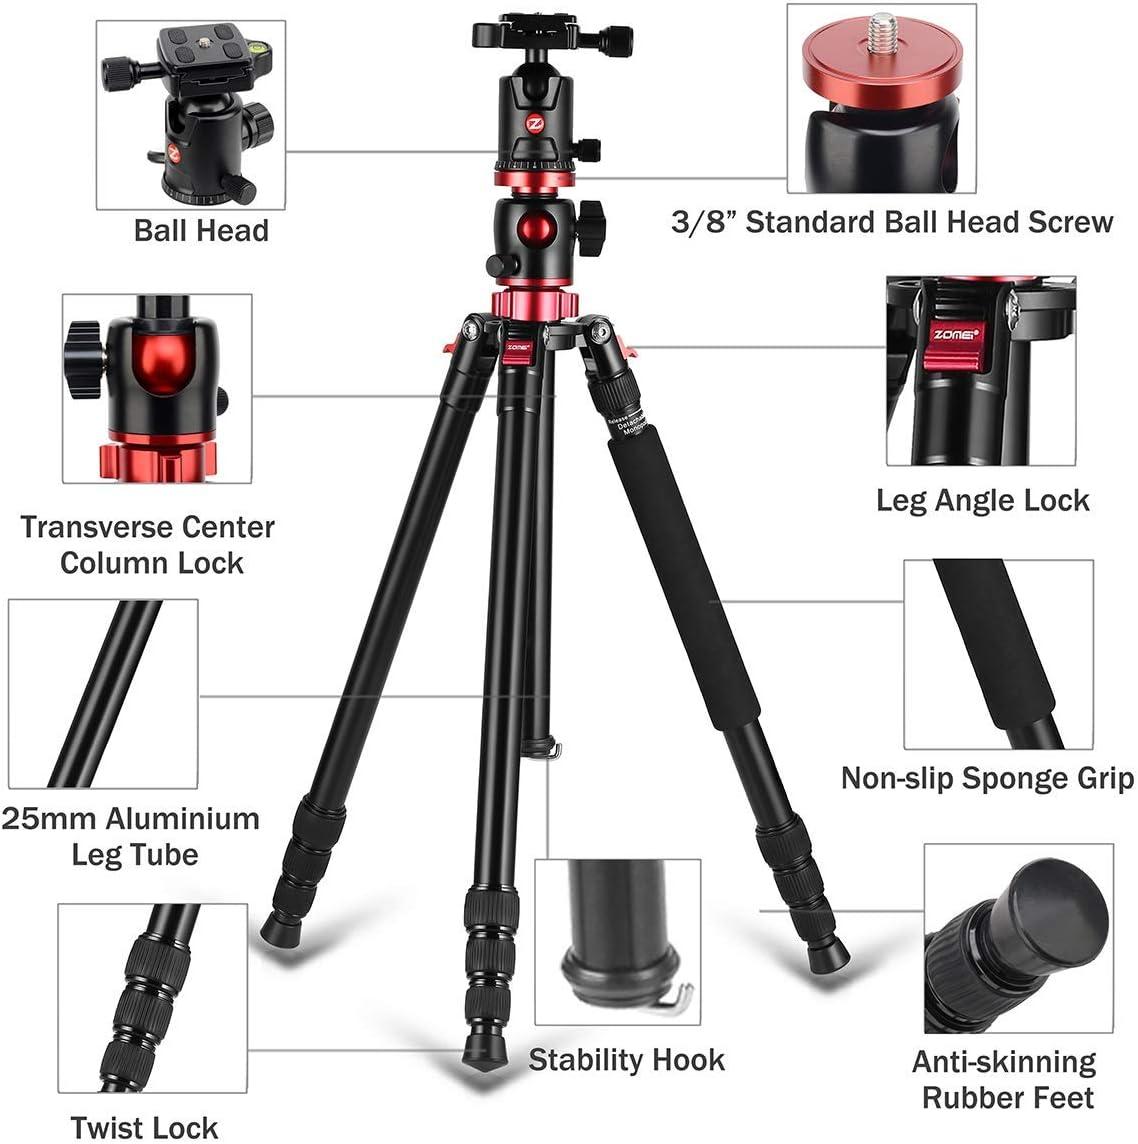 professionelles Aluminium horizontales Stativ mit Verl/ängerungsarm Einbeinstativ 360/°-Kugelkopf und 90/° drehbare Mittels/äule f/ür Canon Nikon DSLR DV Scope Camcorder Projektor ZOMEi M8 Kamerastativ